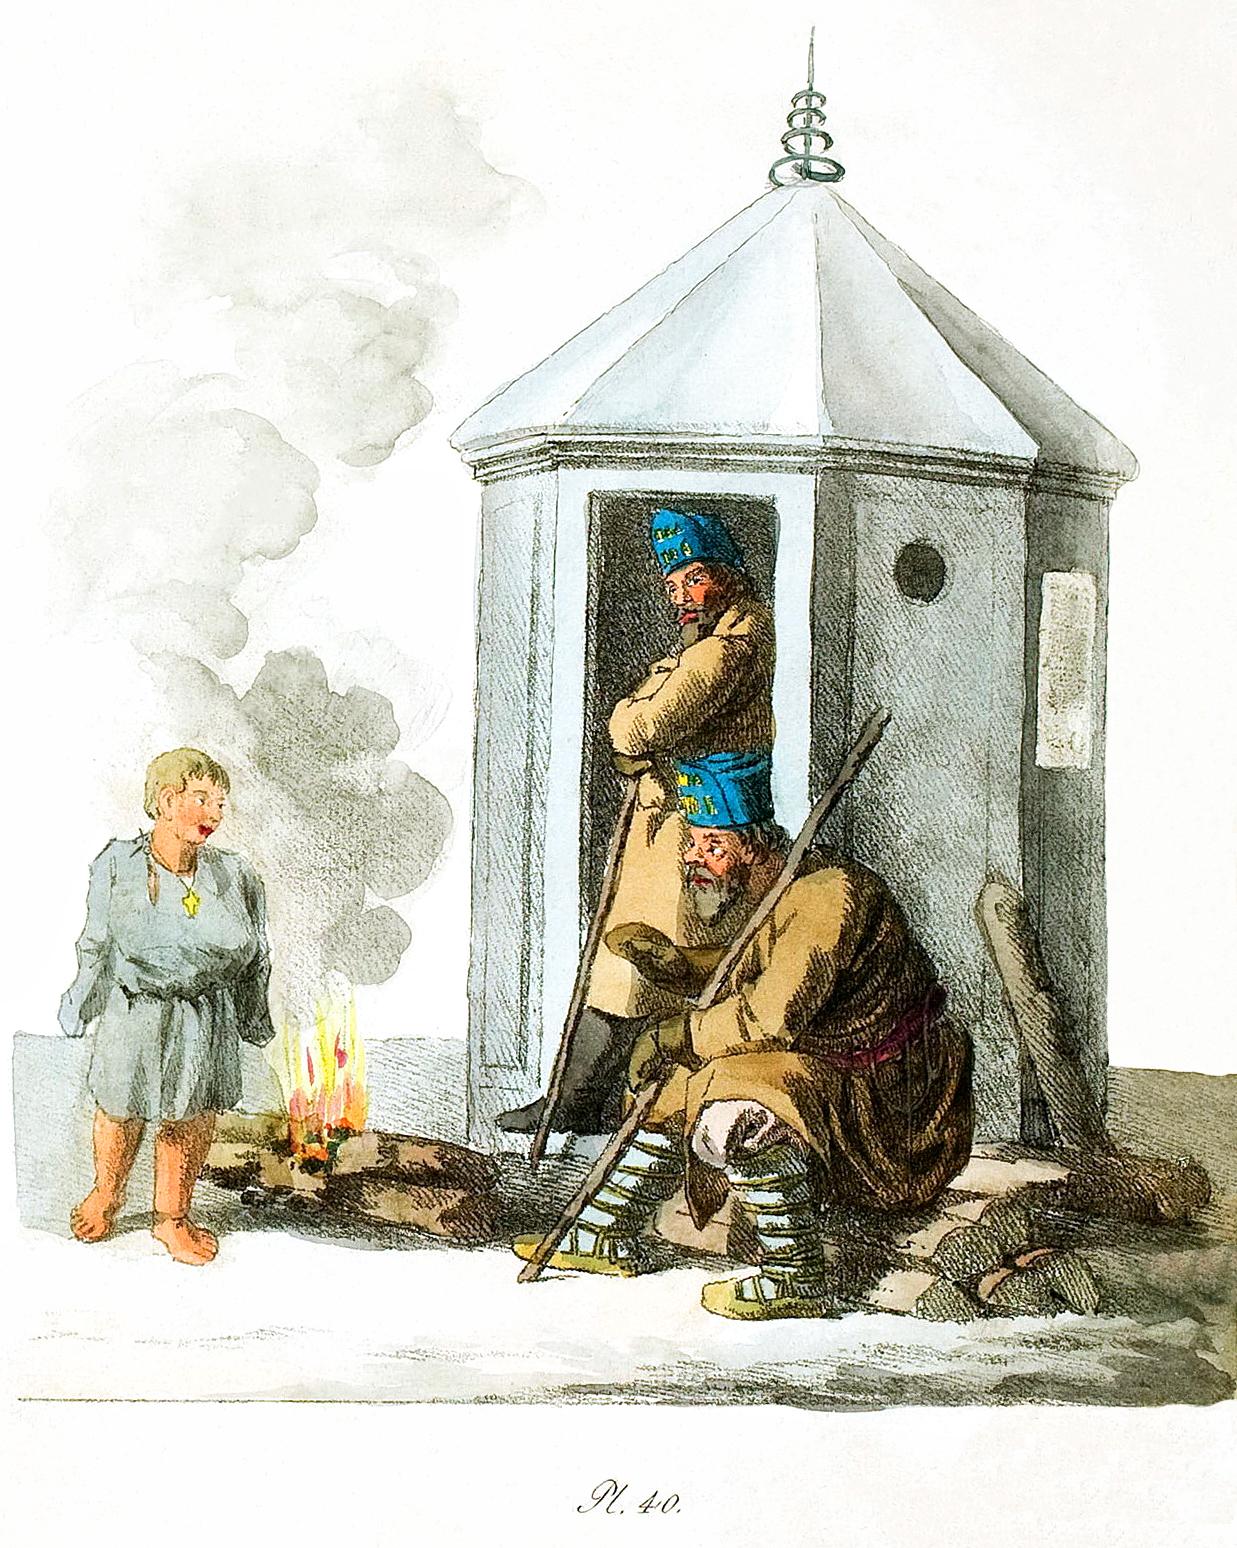 40. Wachthütte mit zwei Wächtern / Караульная будка и два сторожа